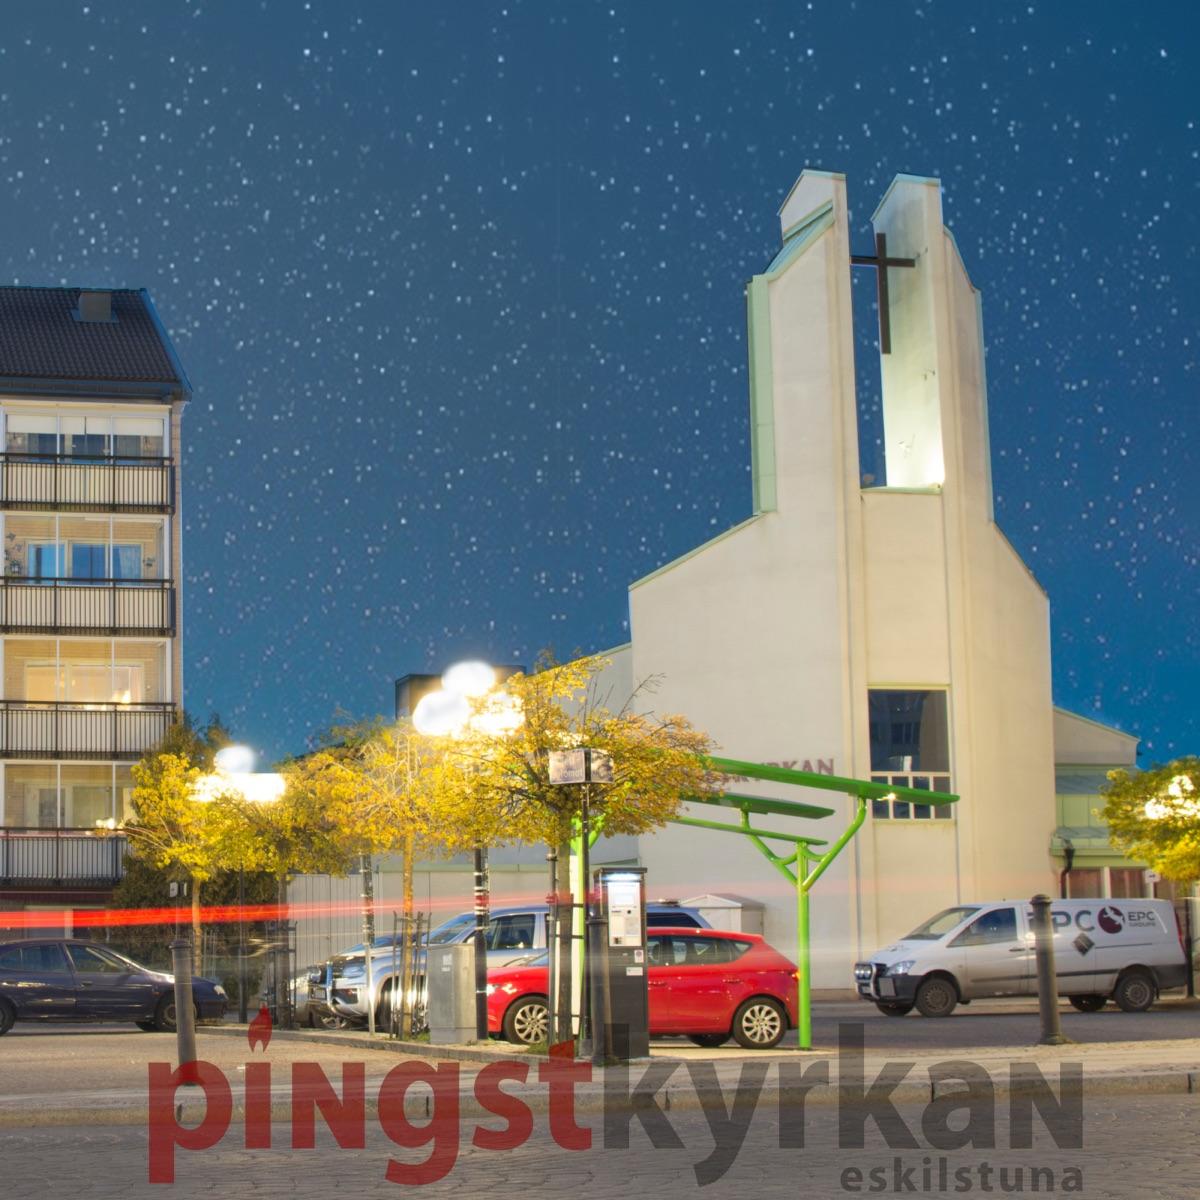 När Jesus kommer till stan 2021-10-13 Patrick Ölund